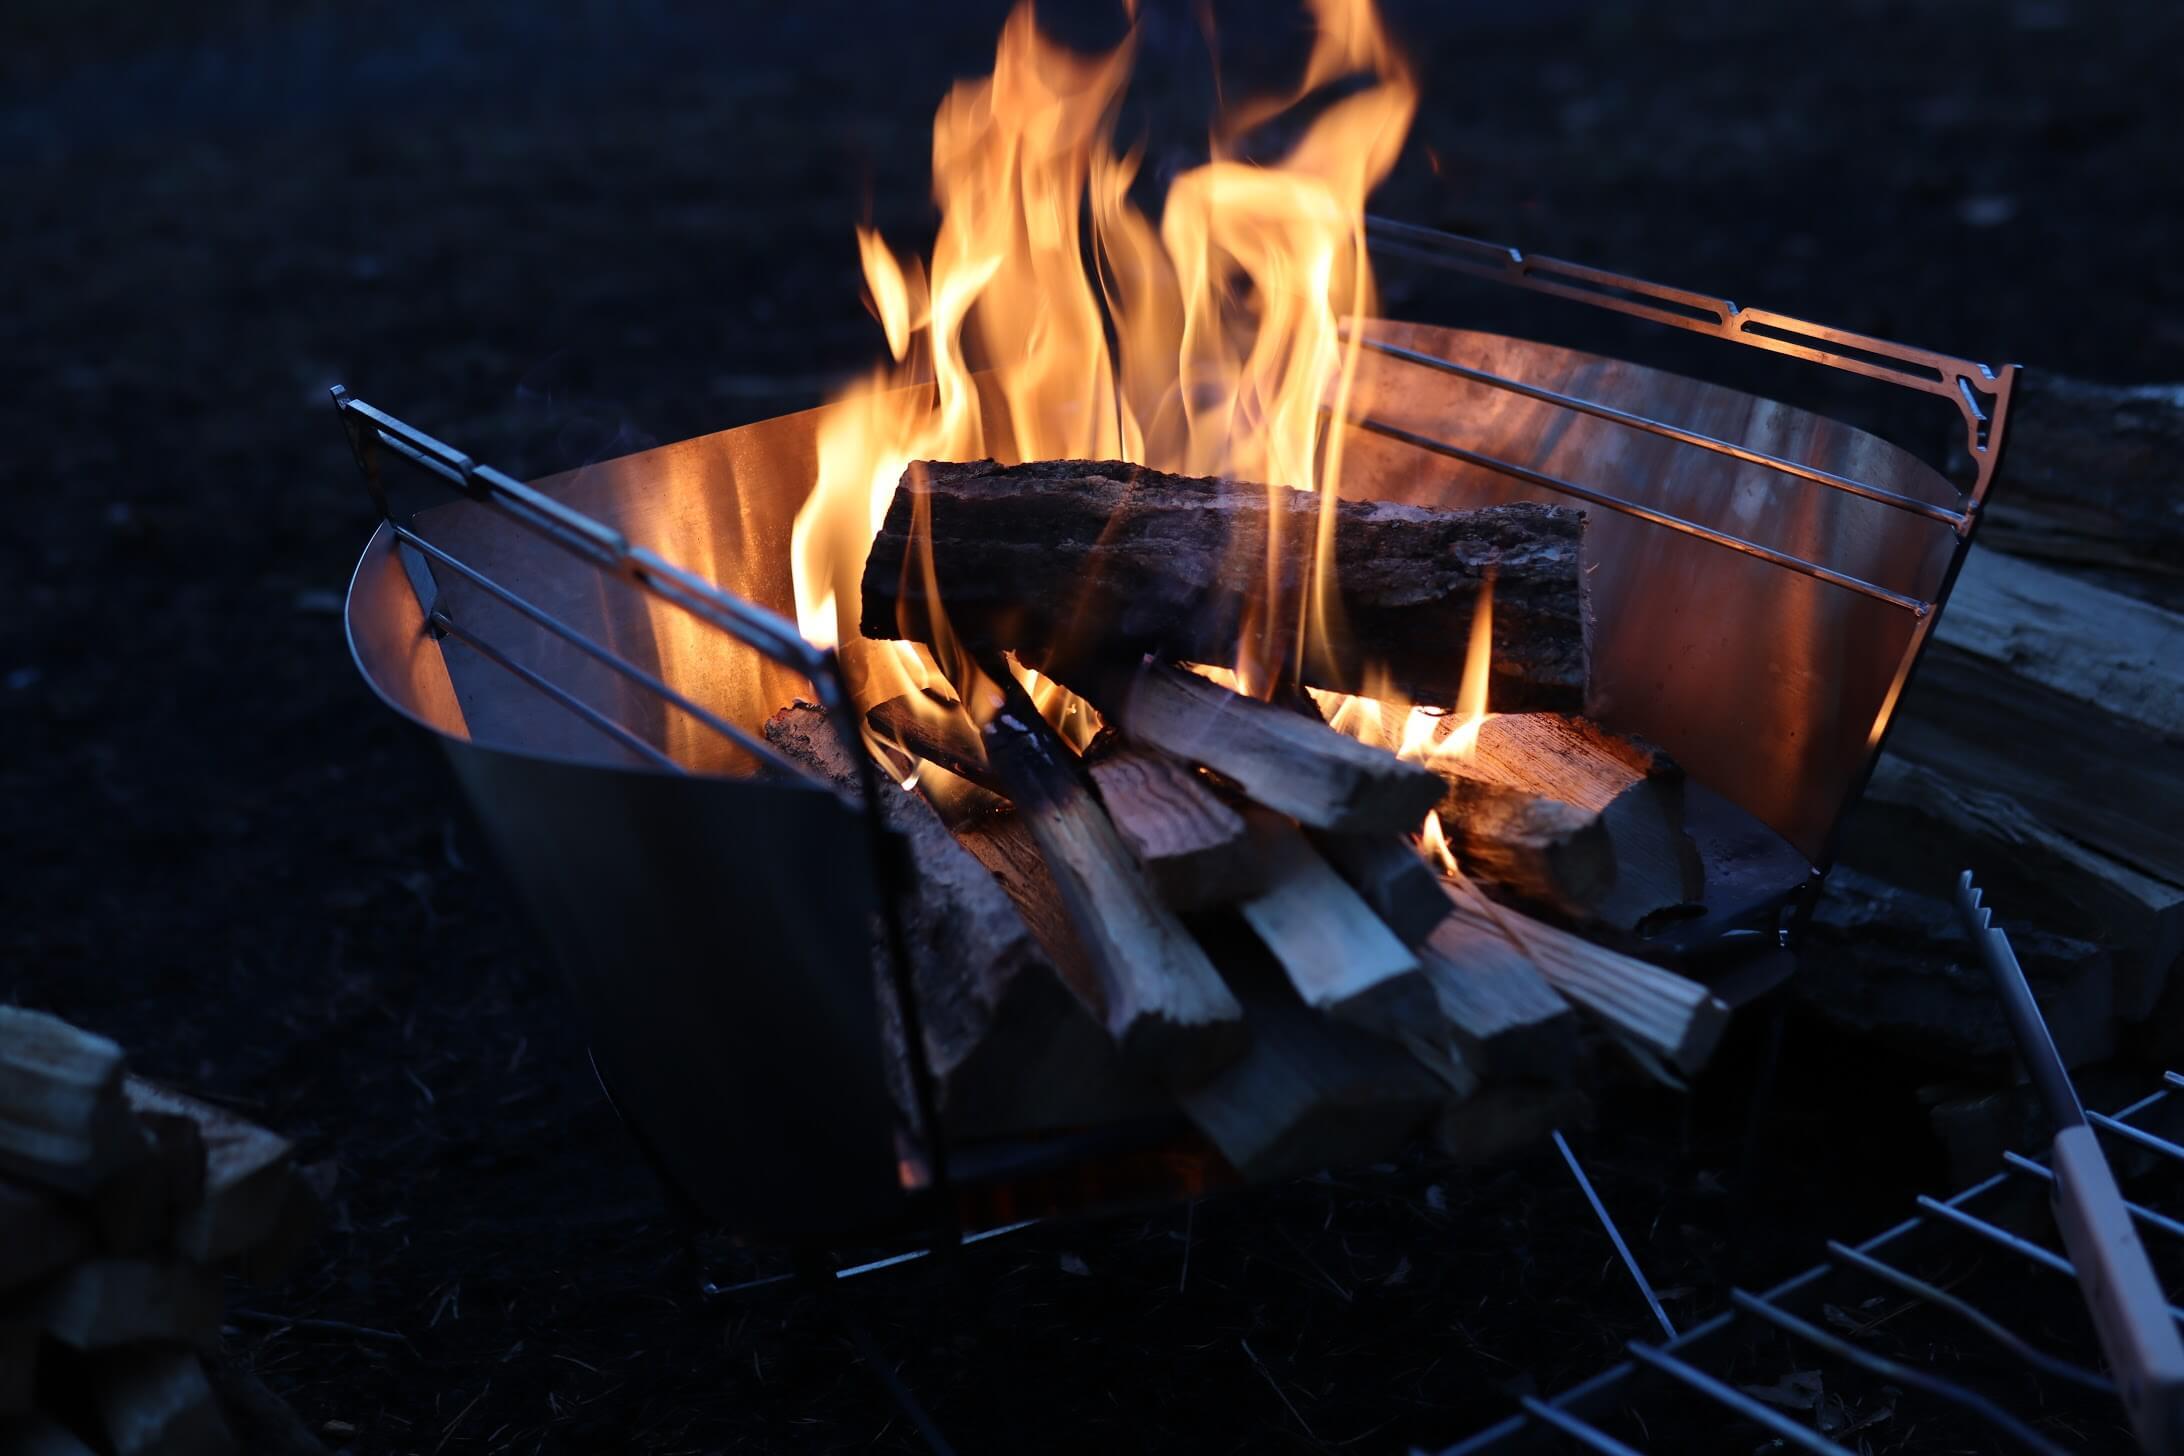 the 508 | Camp(旧:撫岳荘キャンプ場)焚き火について